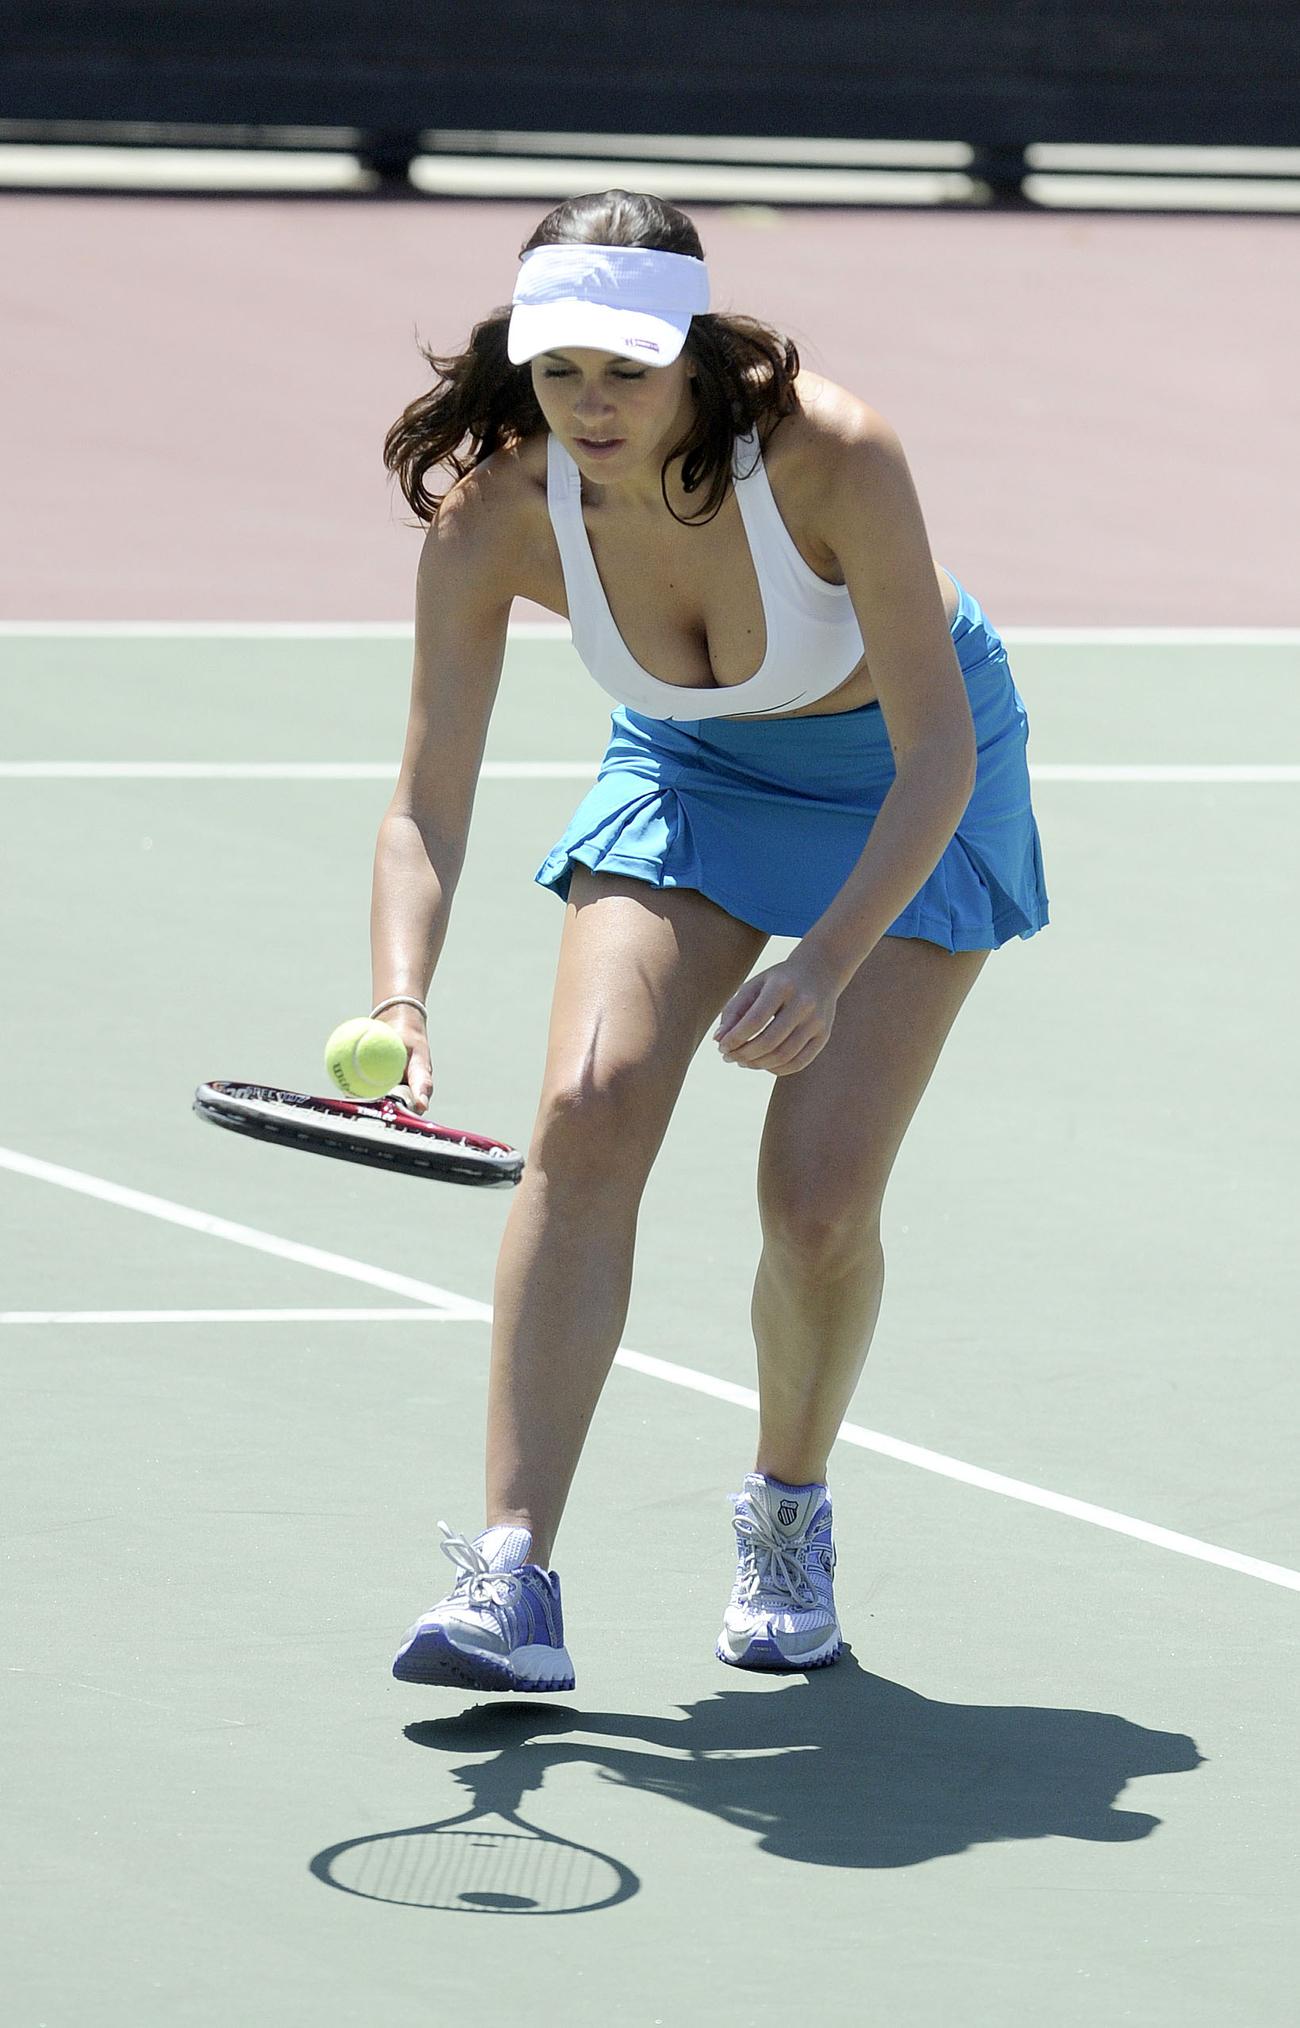 imogen-thomas-tennis-5